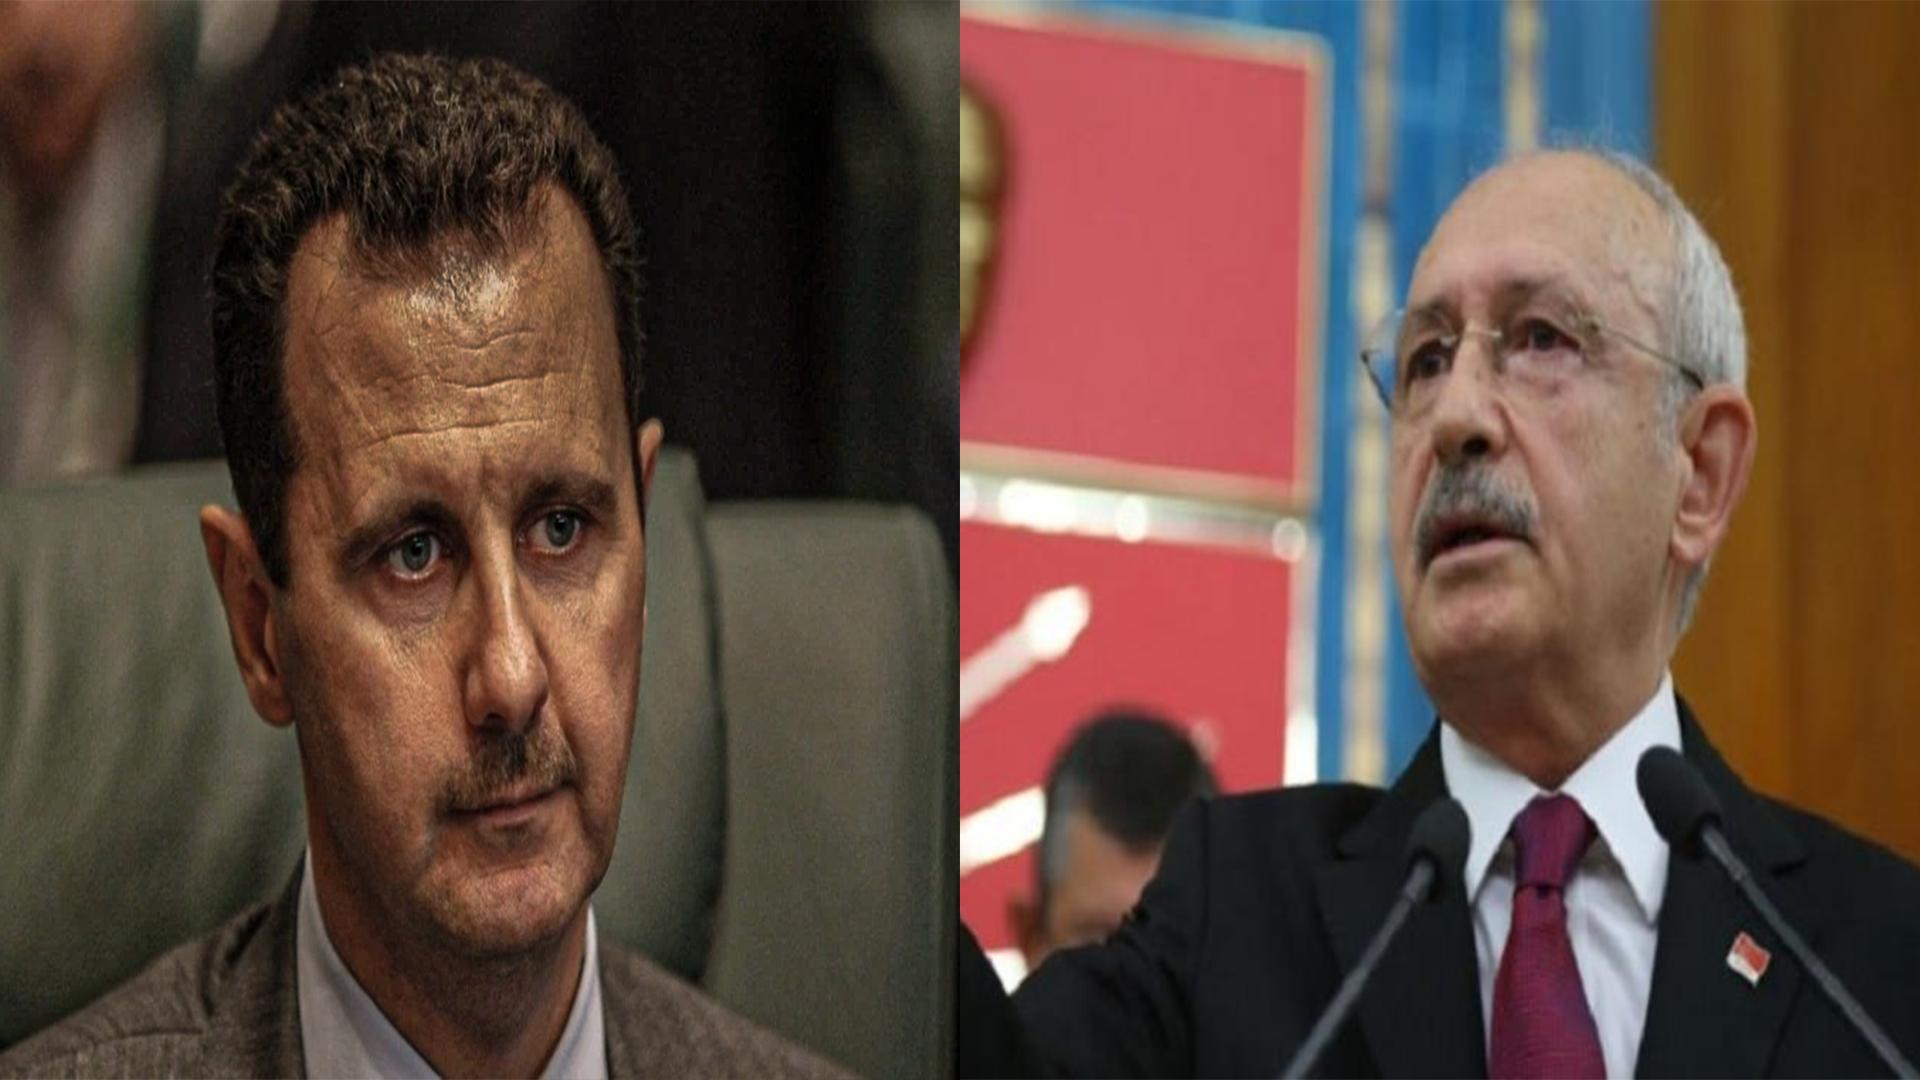 ما هي صلة الوصل بين كليجدار أوغلو والأسد؟